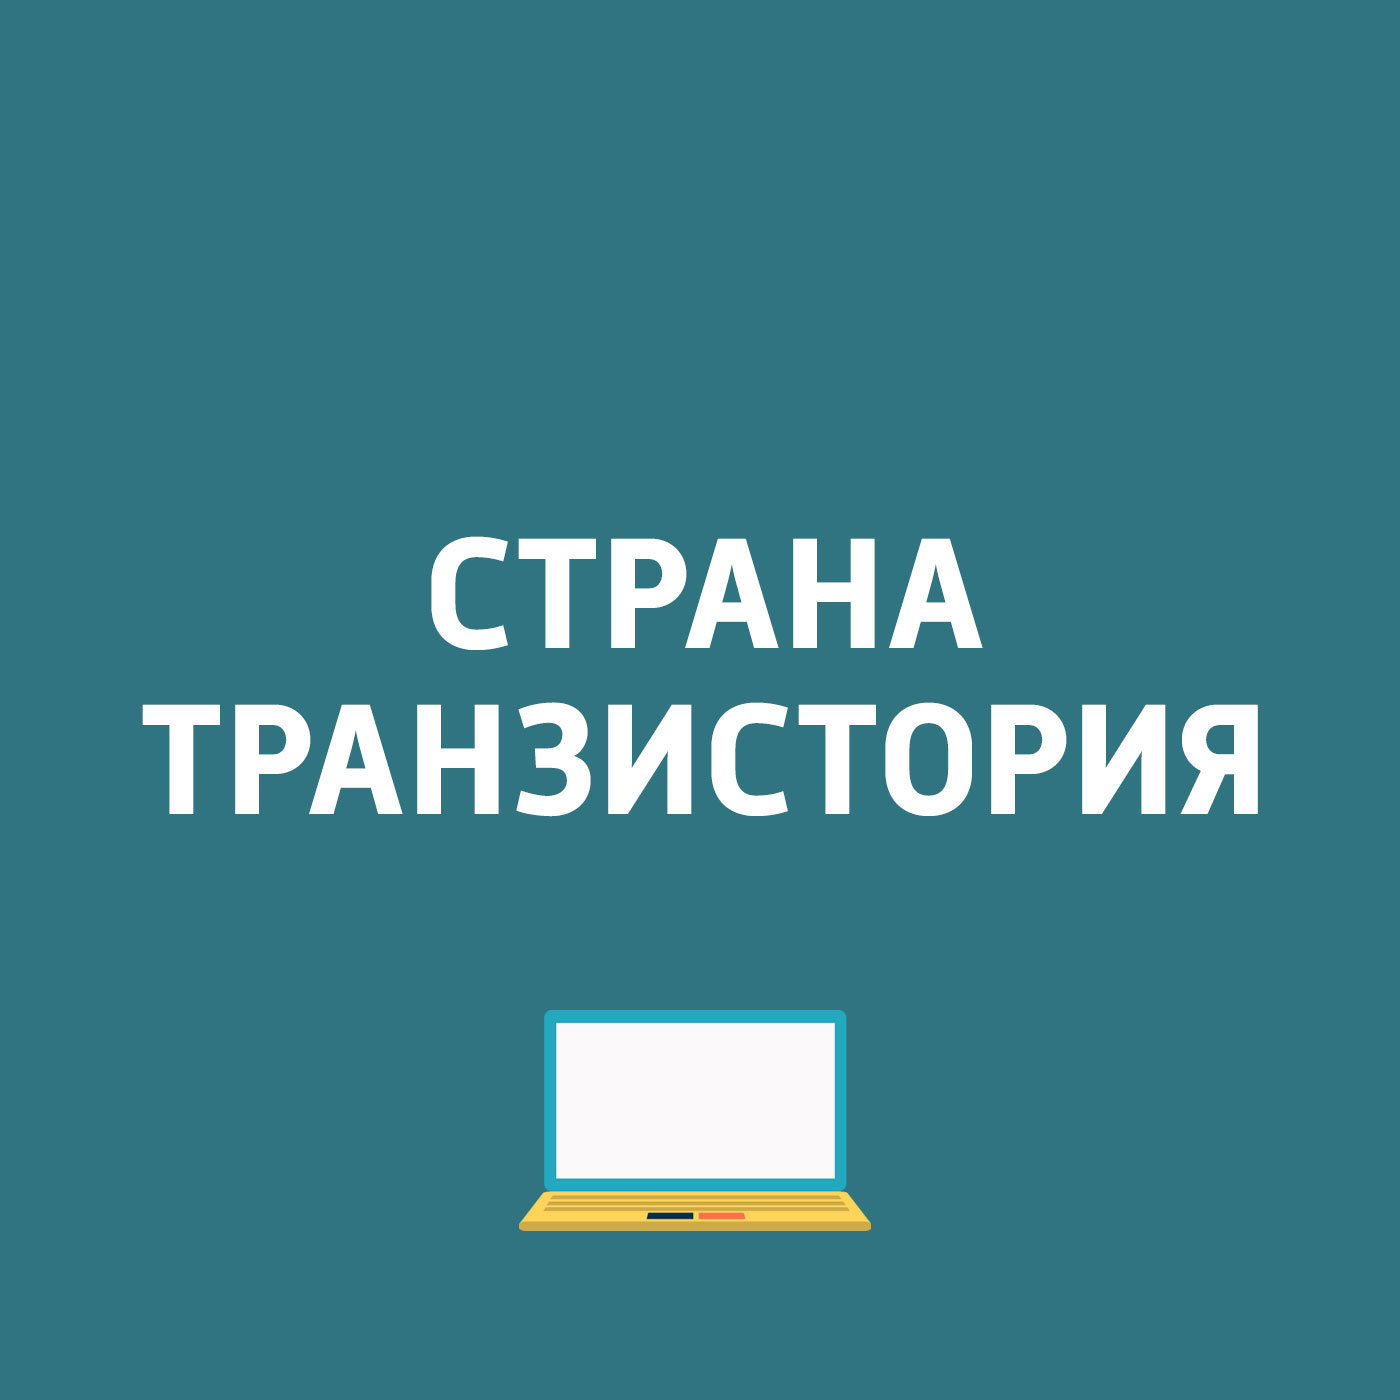 Картаев Павел Новое обновление для IPhone убило аккумуляторы... картаев павел hmd получила контроль над брендом nokia смартфоны дебютируют в 2017 году